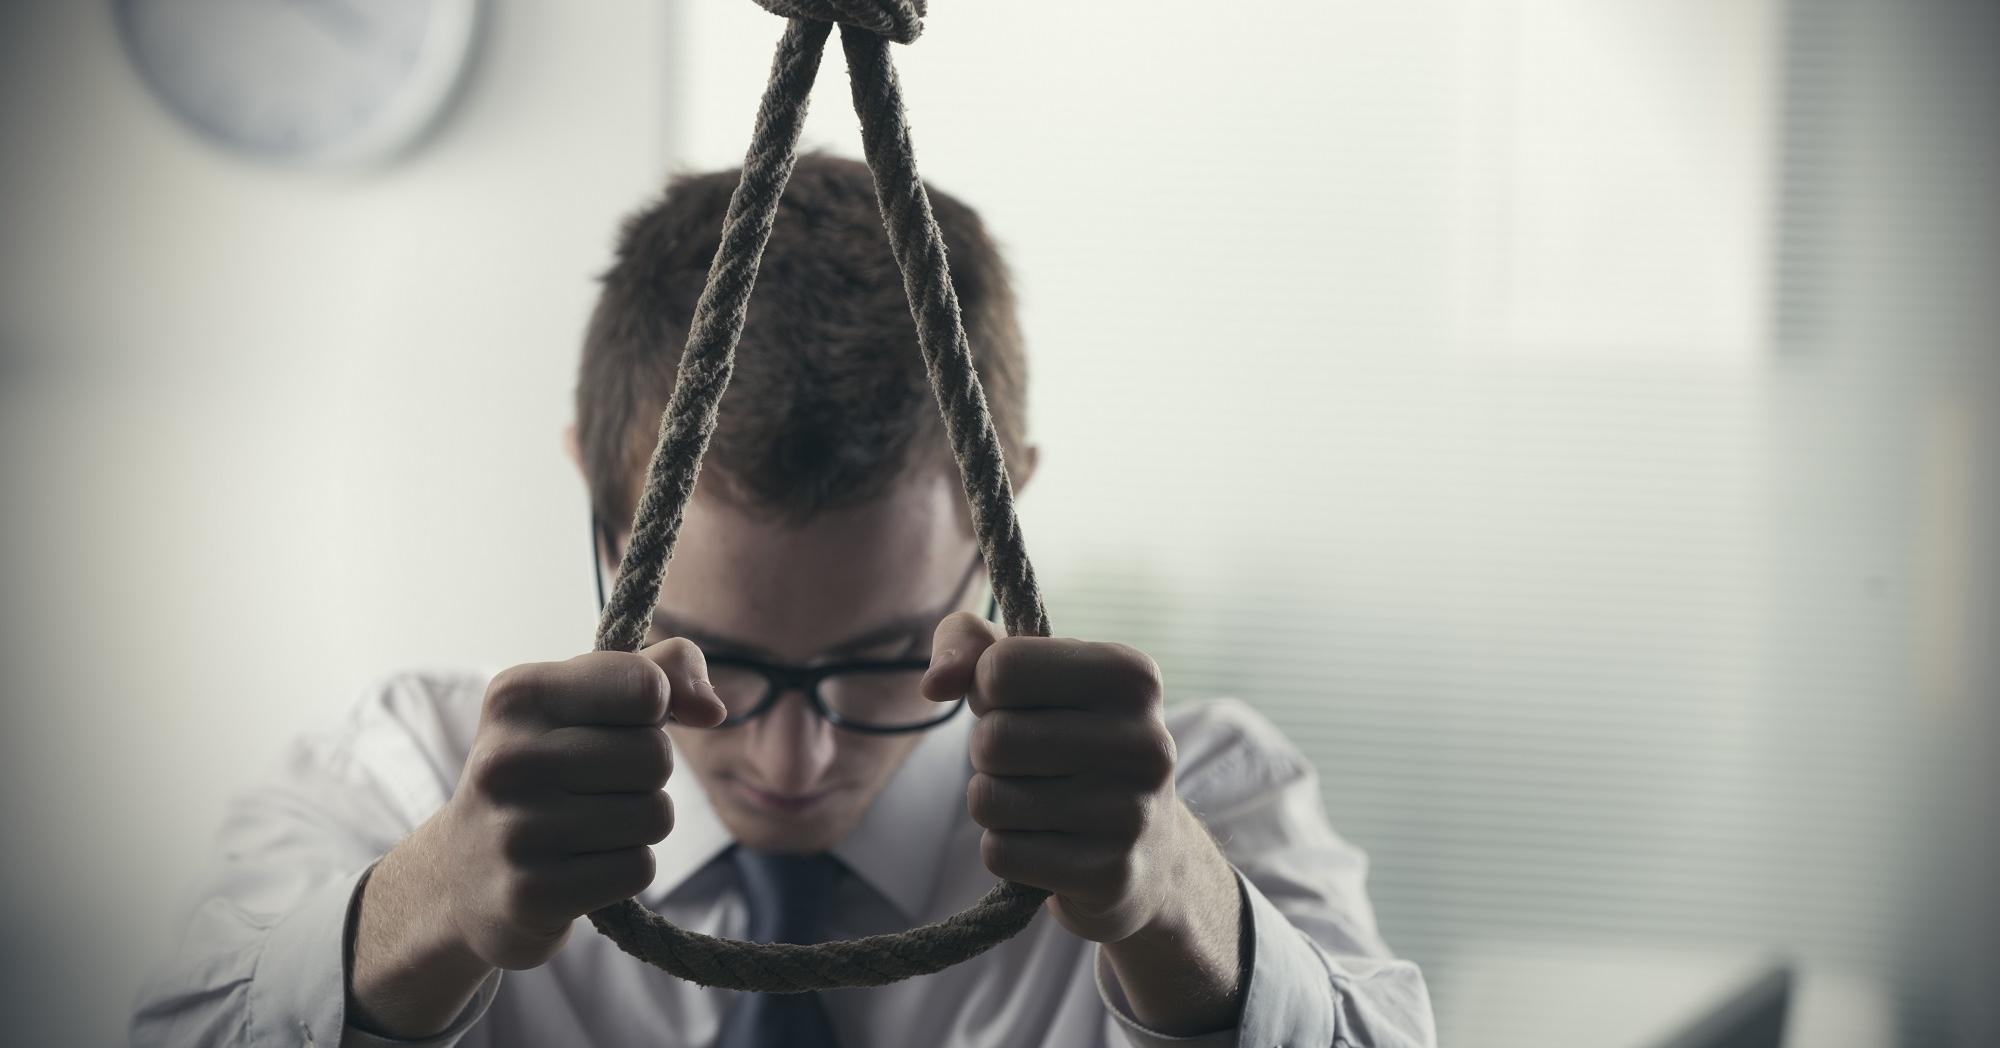 Суицидальные мысли не смогли надежно предсказать суицид